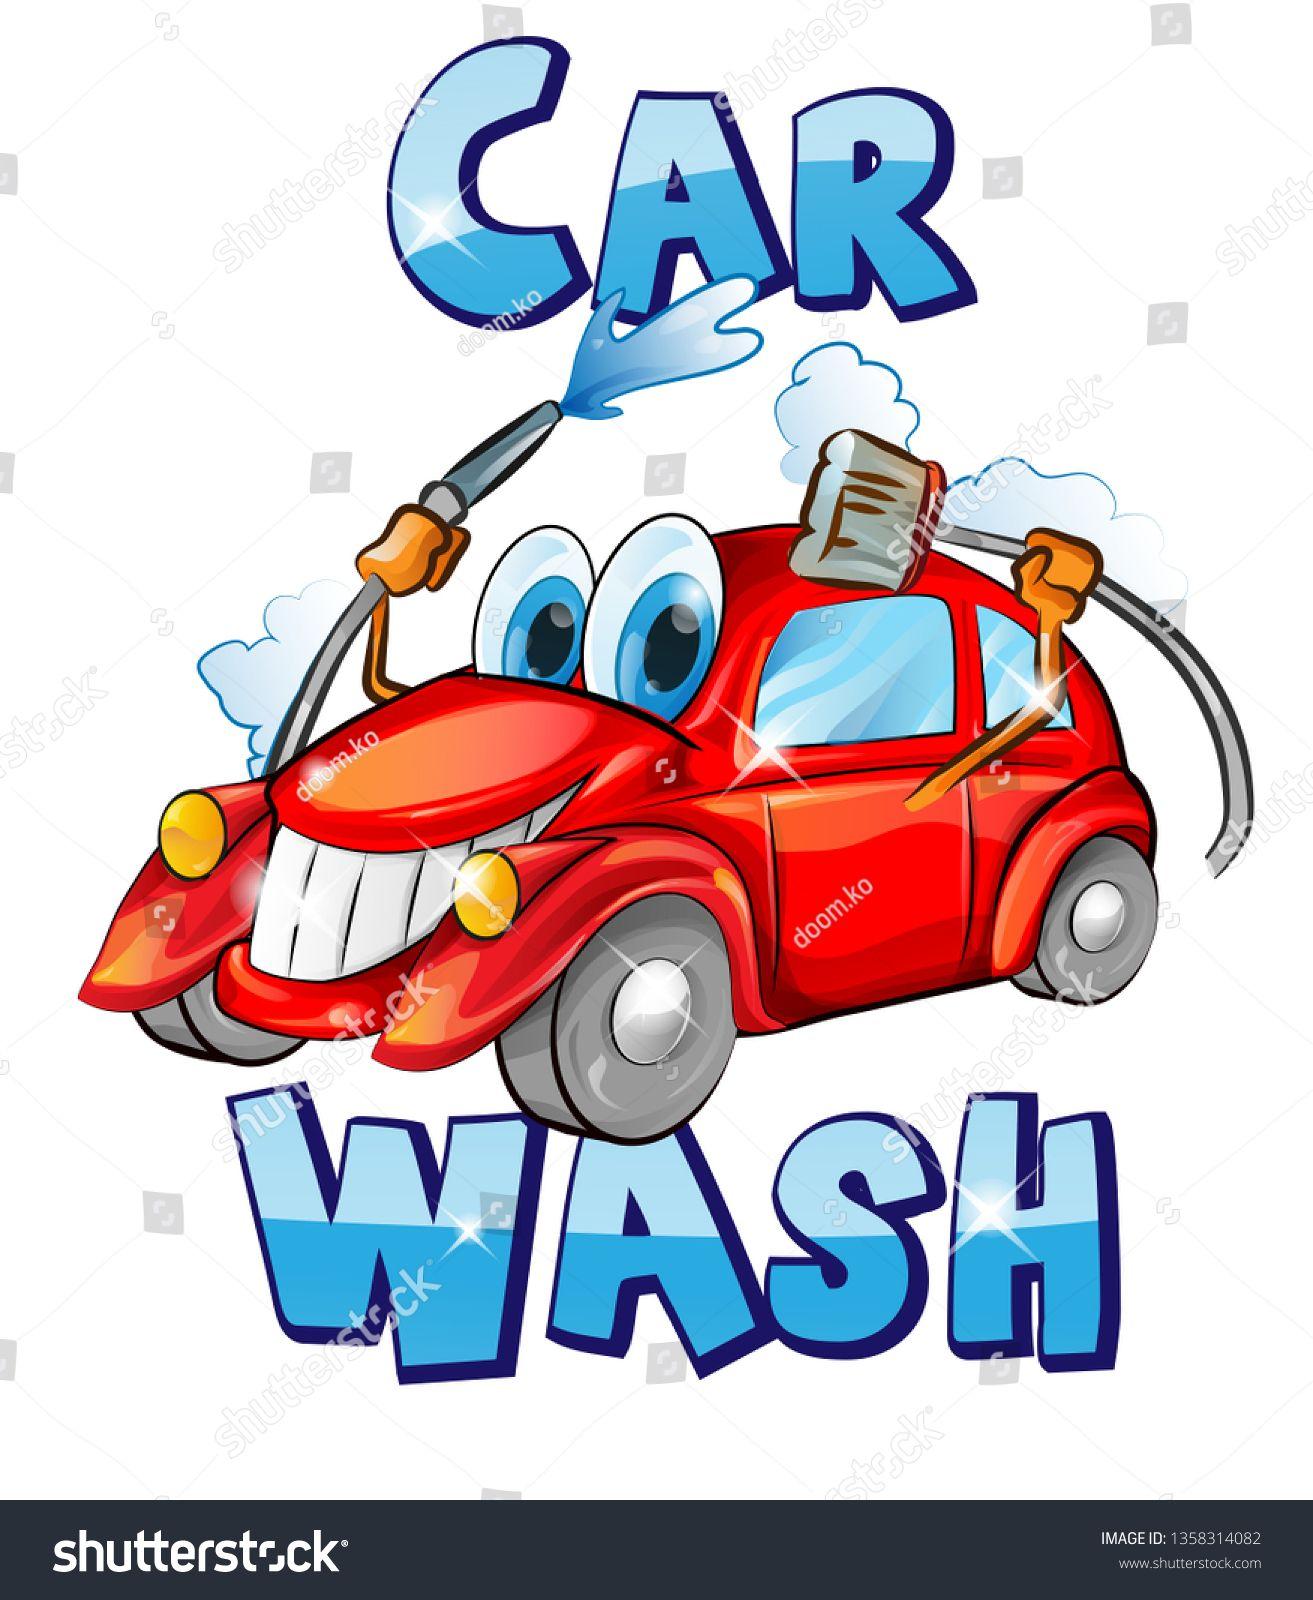 17+ Car wash clipart free ideas